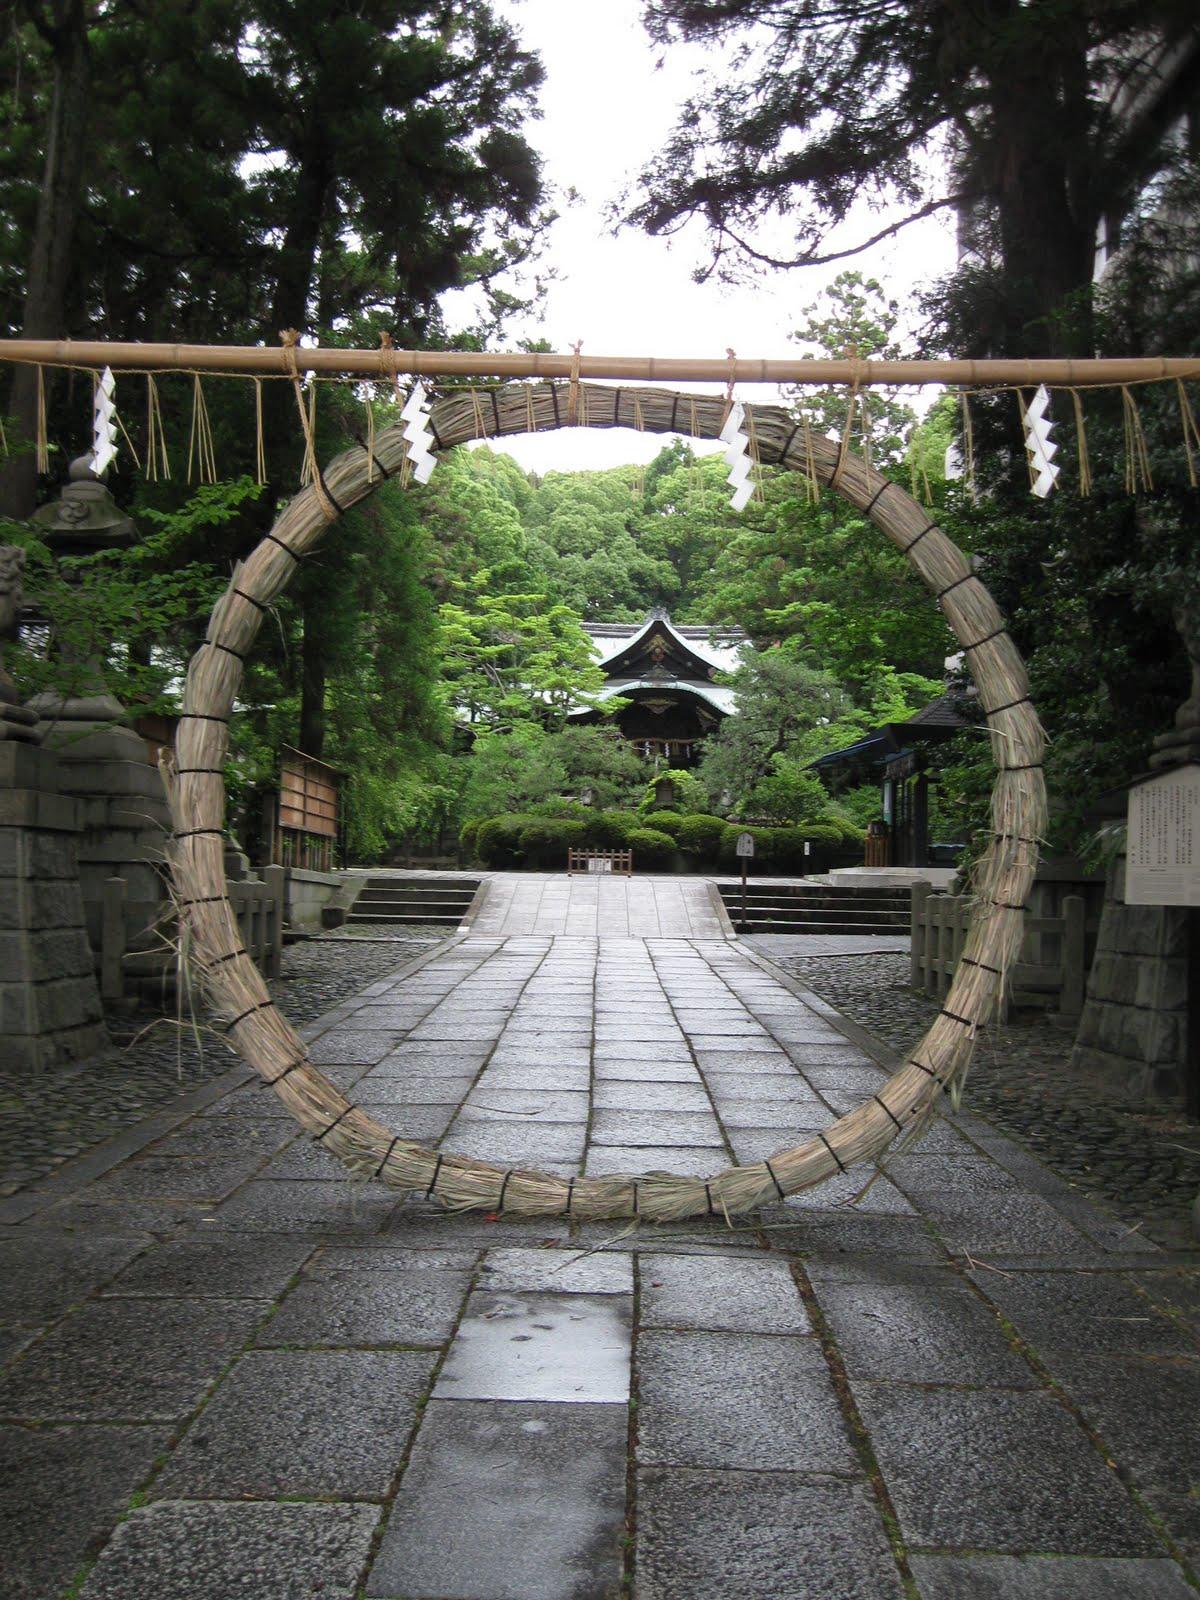 *Photo via  Kyotouzuki  of  chinowa  wreath at Okazaki Shrine in Kyoto, Japan.